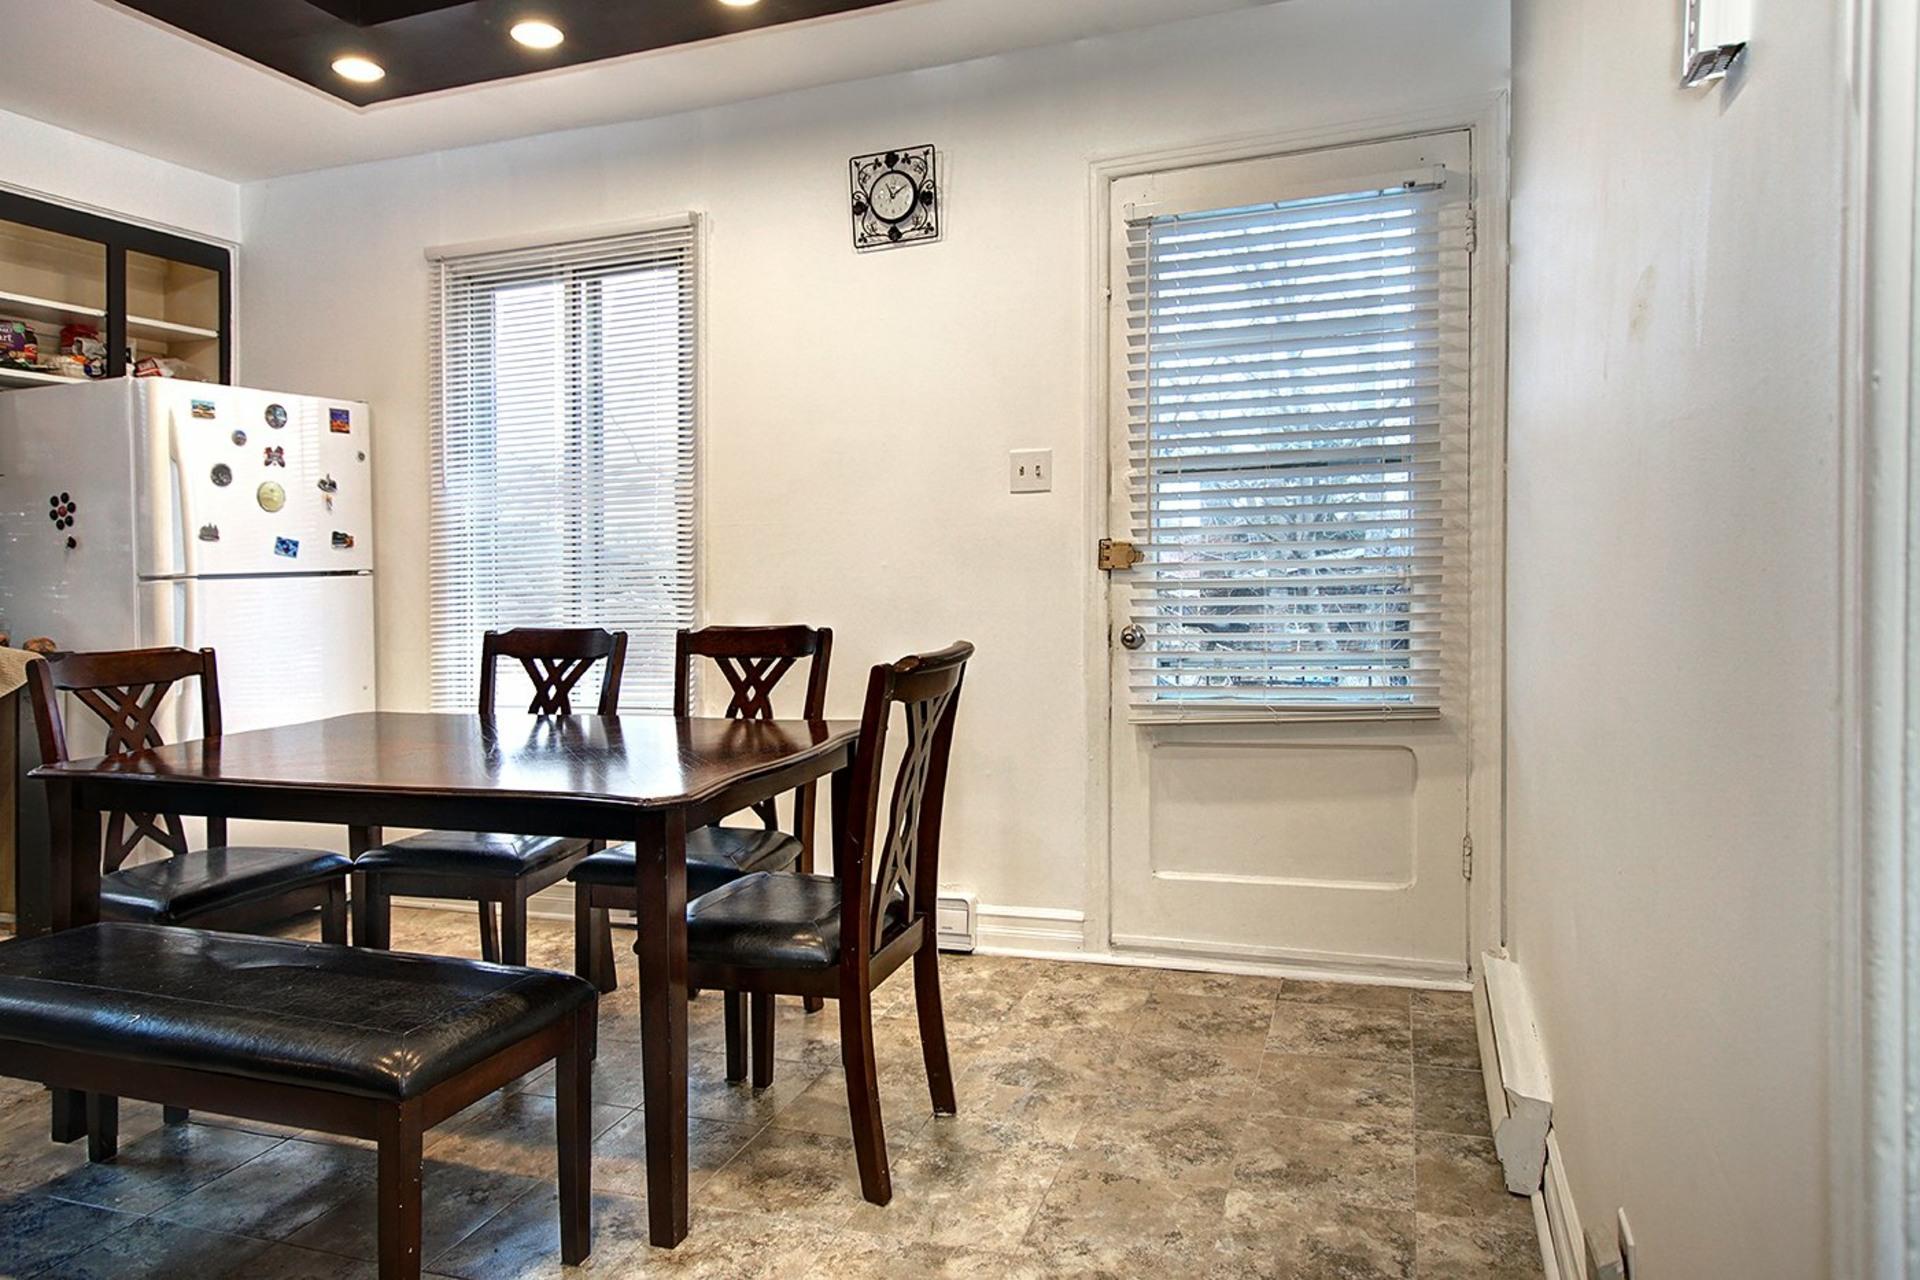 image 6 - Duplex For sale Rivière-des-Prairies/Pointe-aux-Trembles Montréal  - 4 rooms